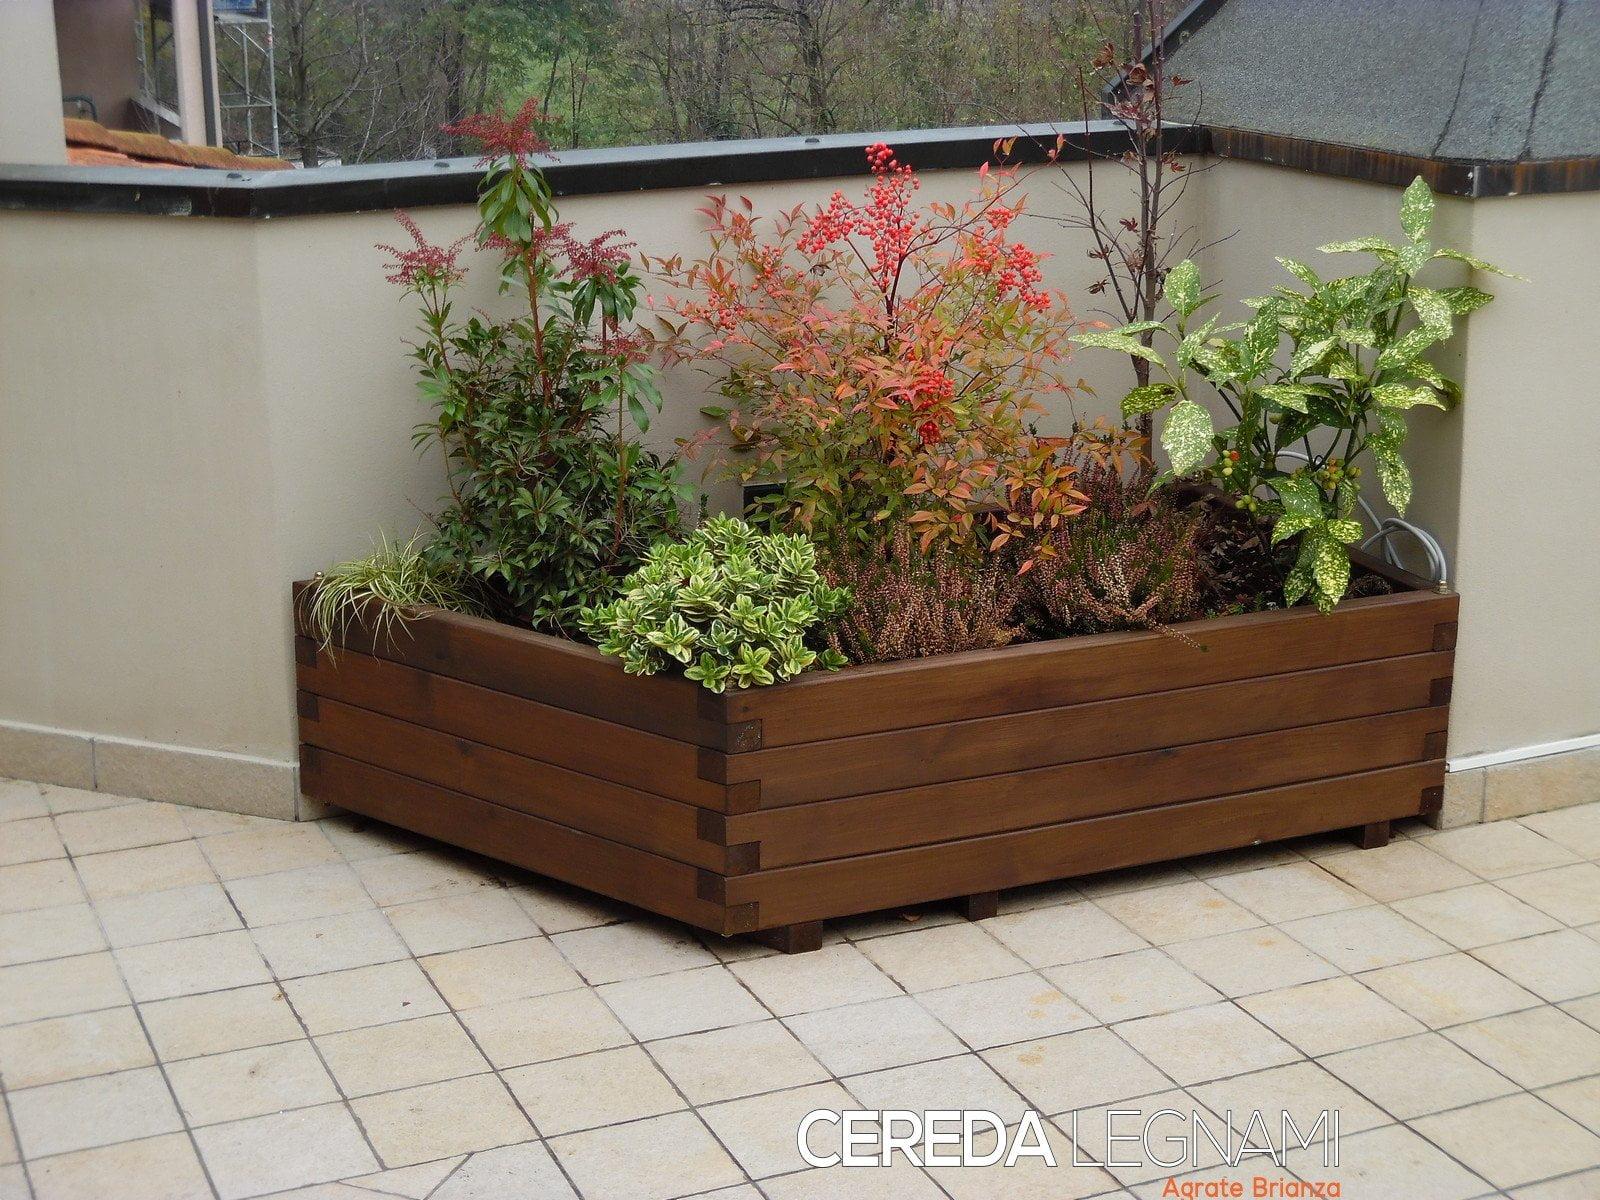 Vasi per giardino cereda legnami agrate brianza for Accessori per terrazzi e giardini